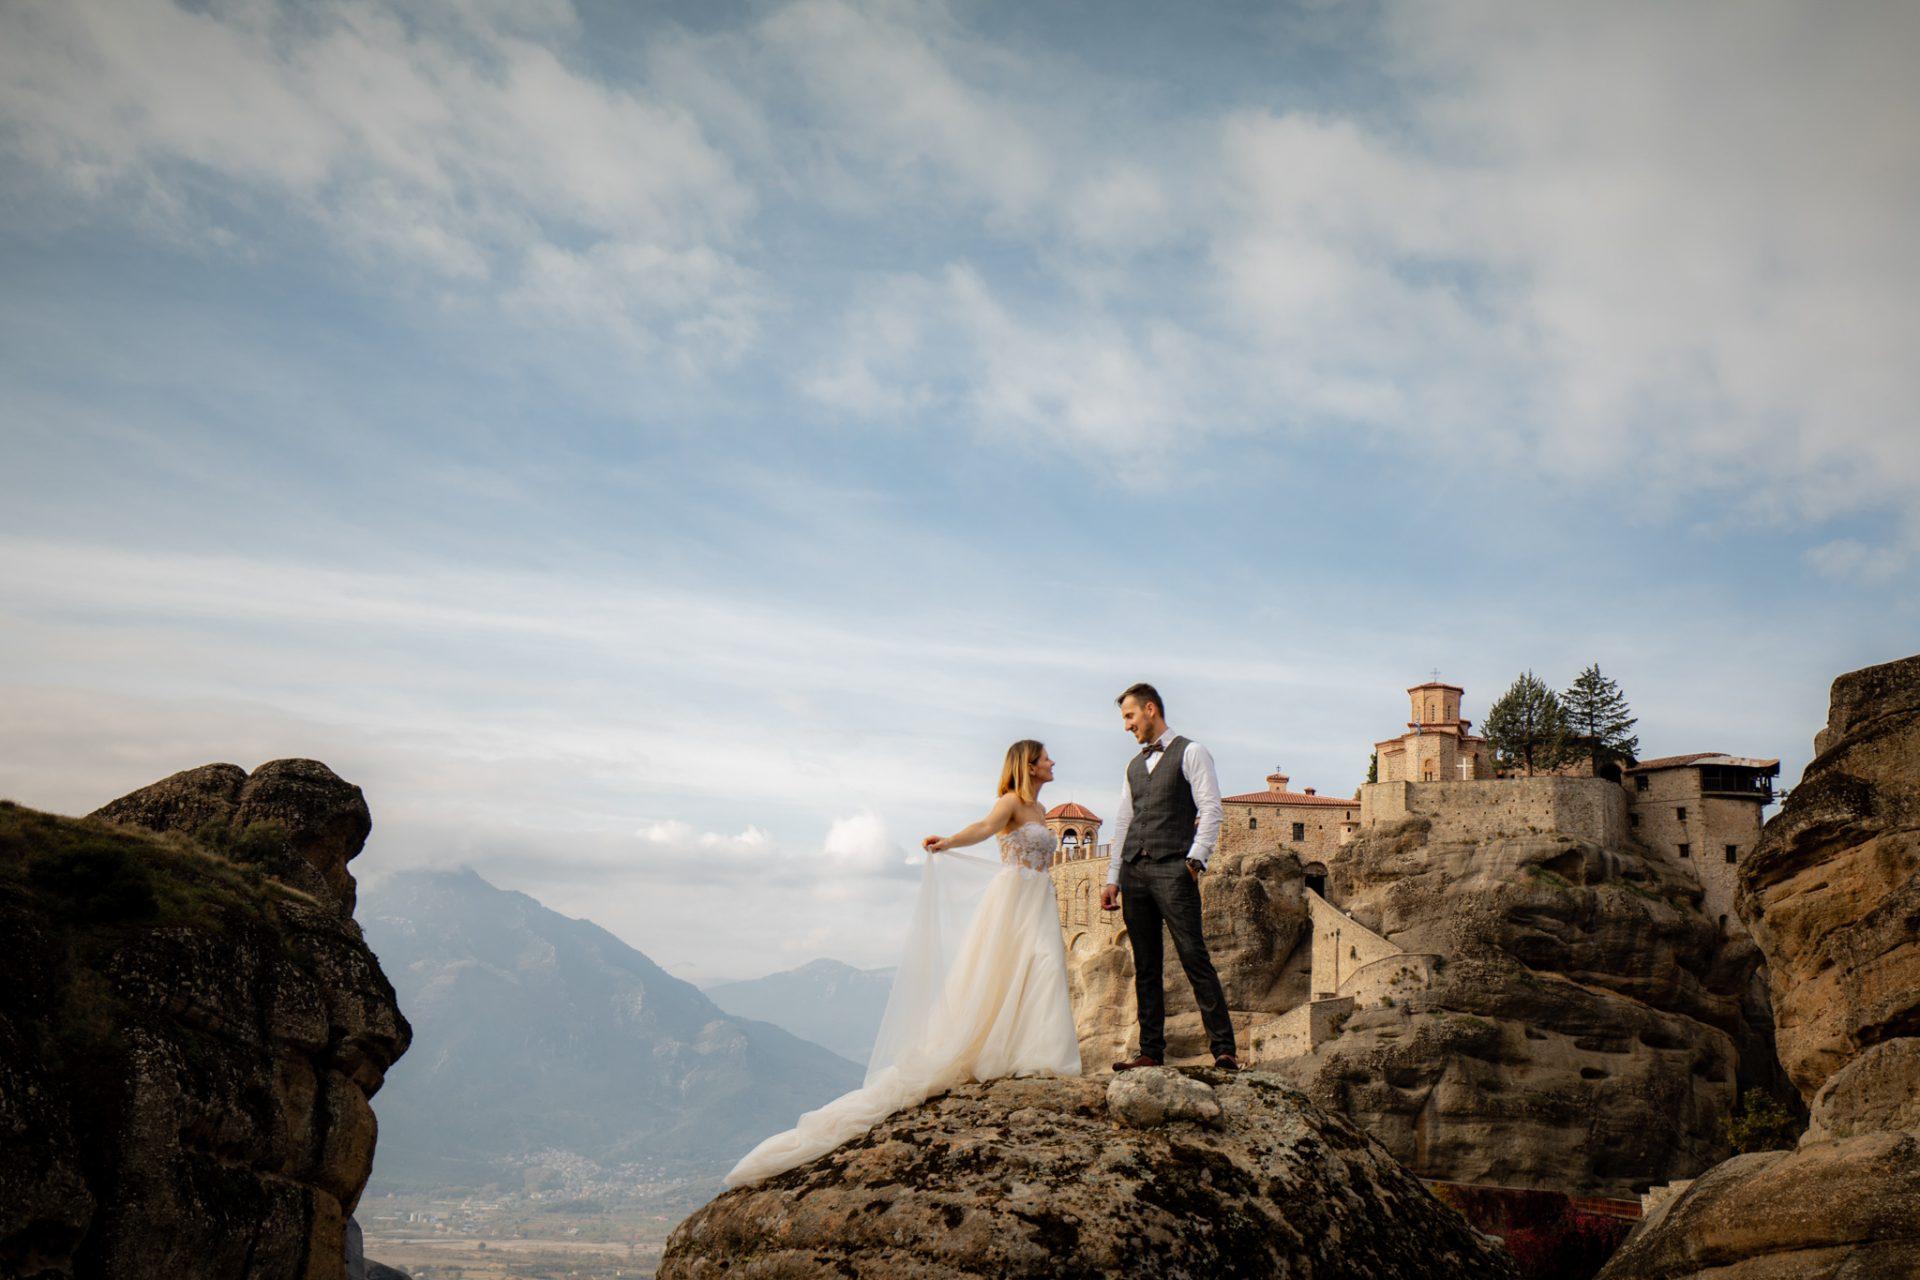 Miłość W środku Nieba Czyli Sesja ślubna W Meteorach Planujemywesele